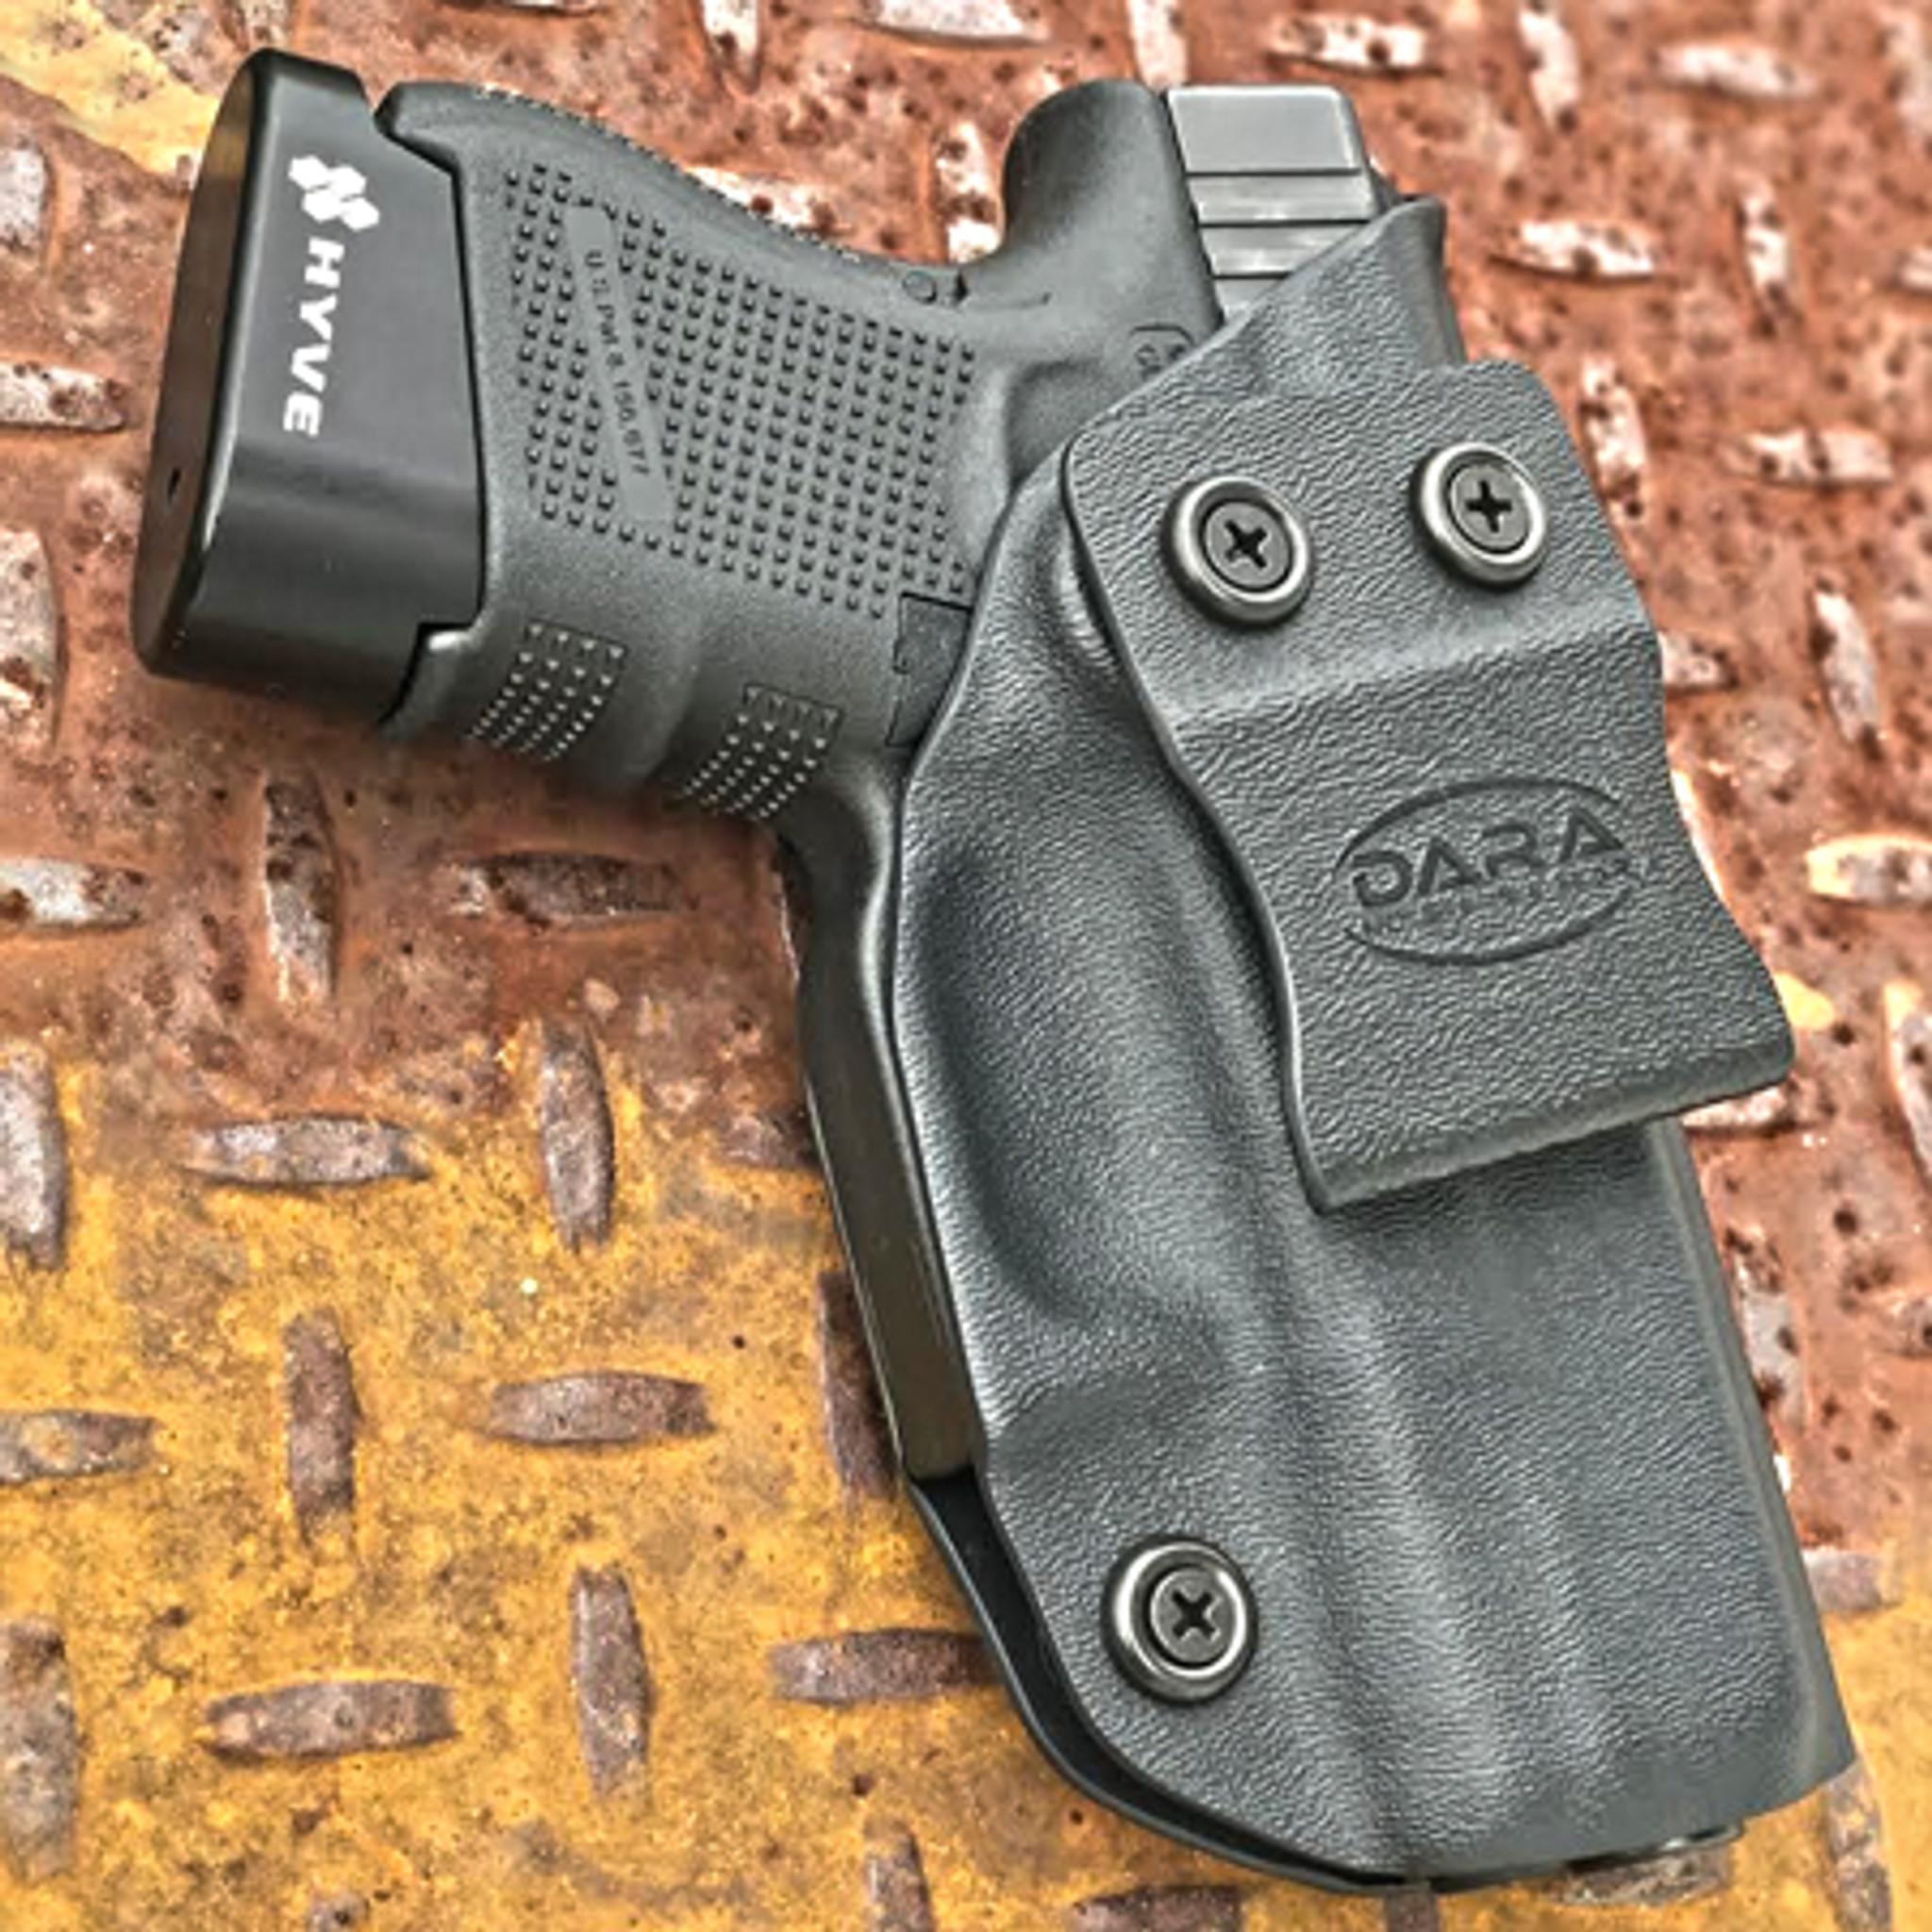 Glock 26 IWB Holster | Kydex IWB Holsters